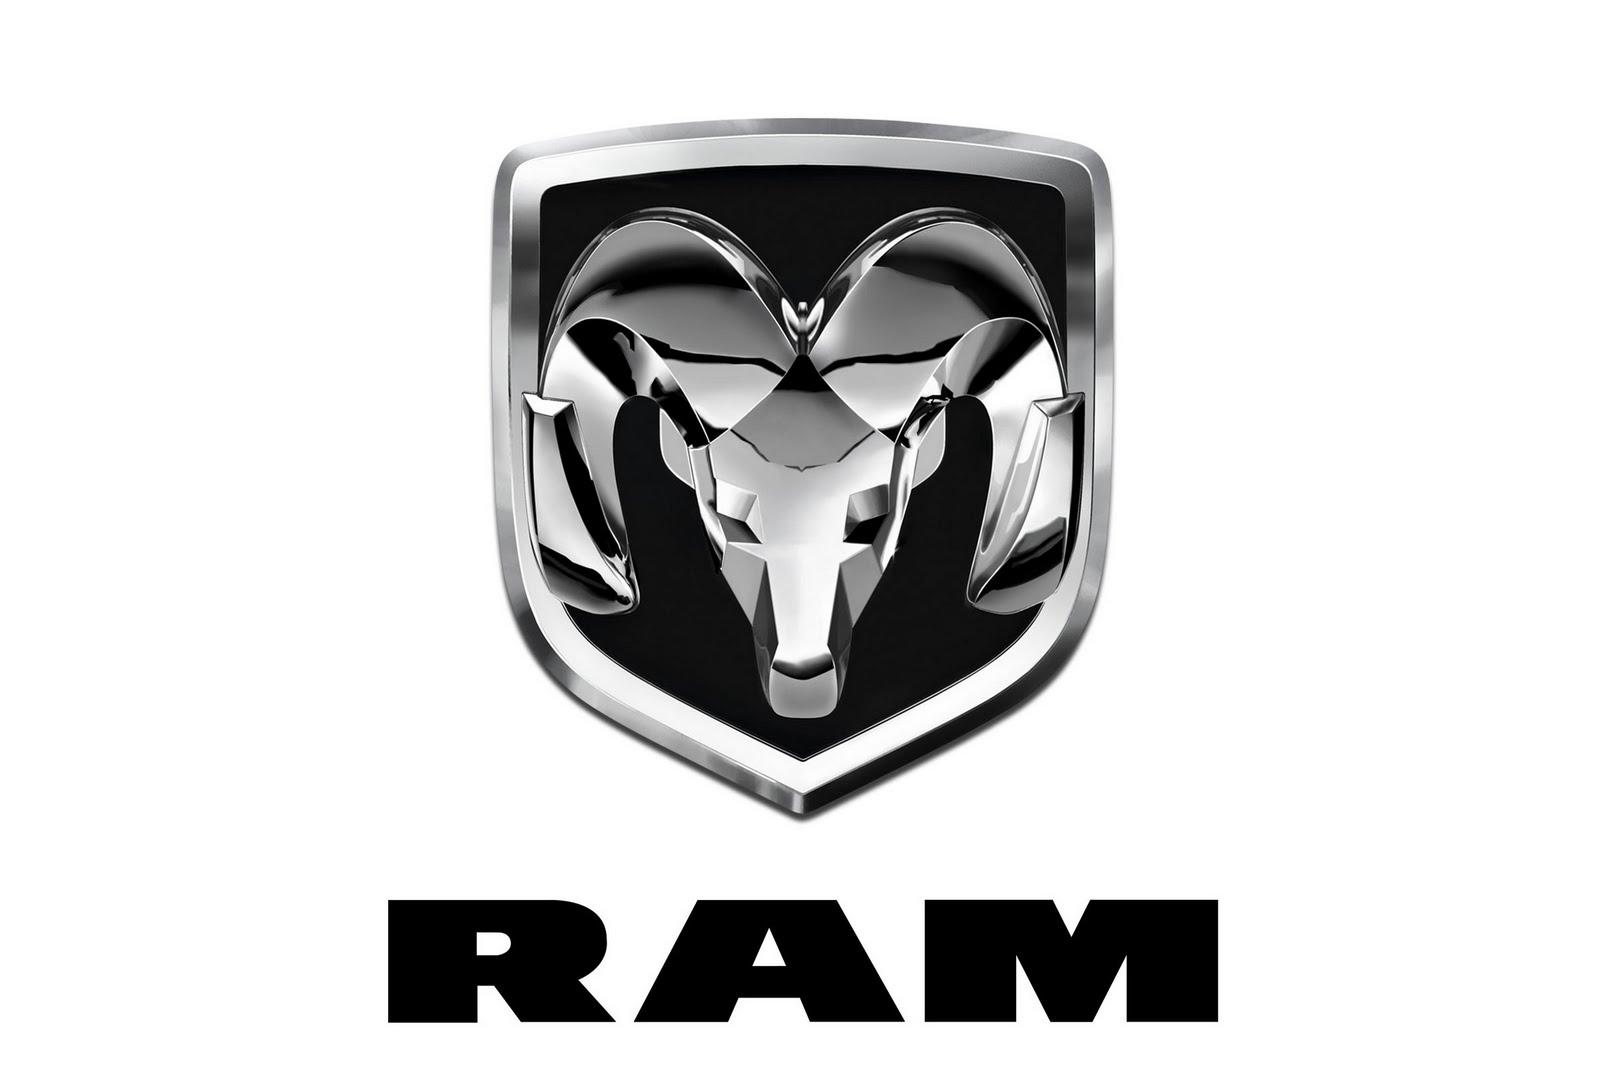 Ram trucks logopedia the logo and branding site - Ram logo images ...